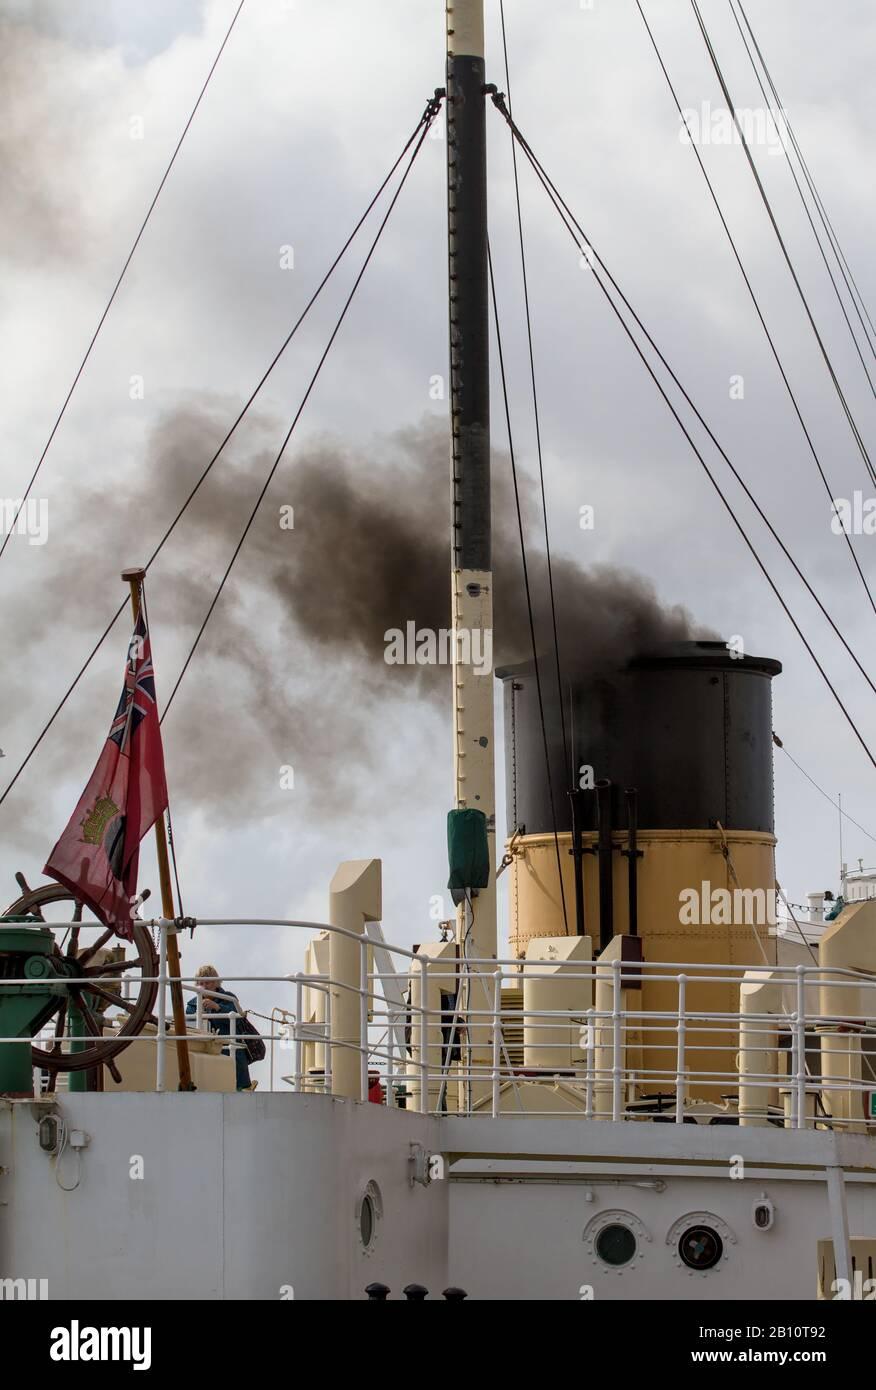 smoking-funnel-of-ss-shieldhall-largest-working-steamship-in-uk-taken-at-southampton-uk-2B10T92.jpg